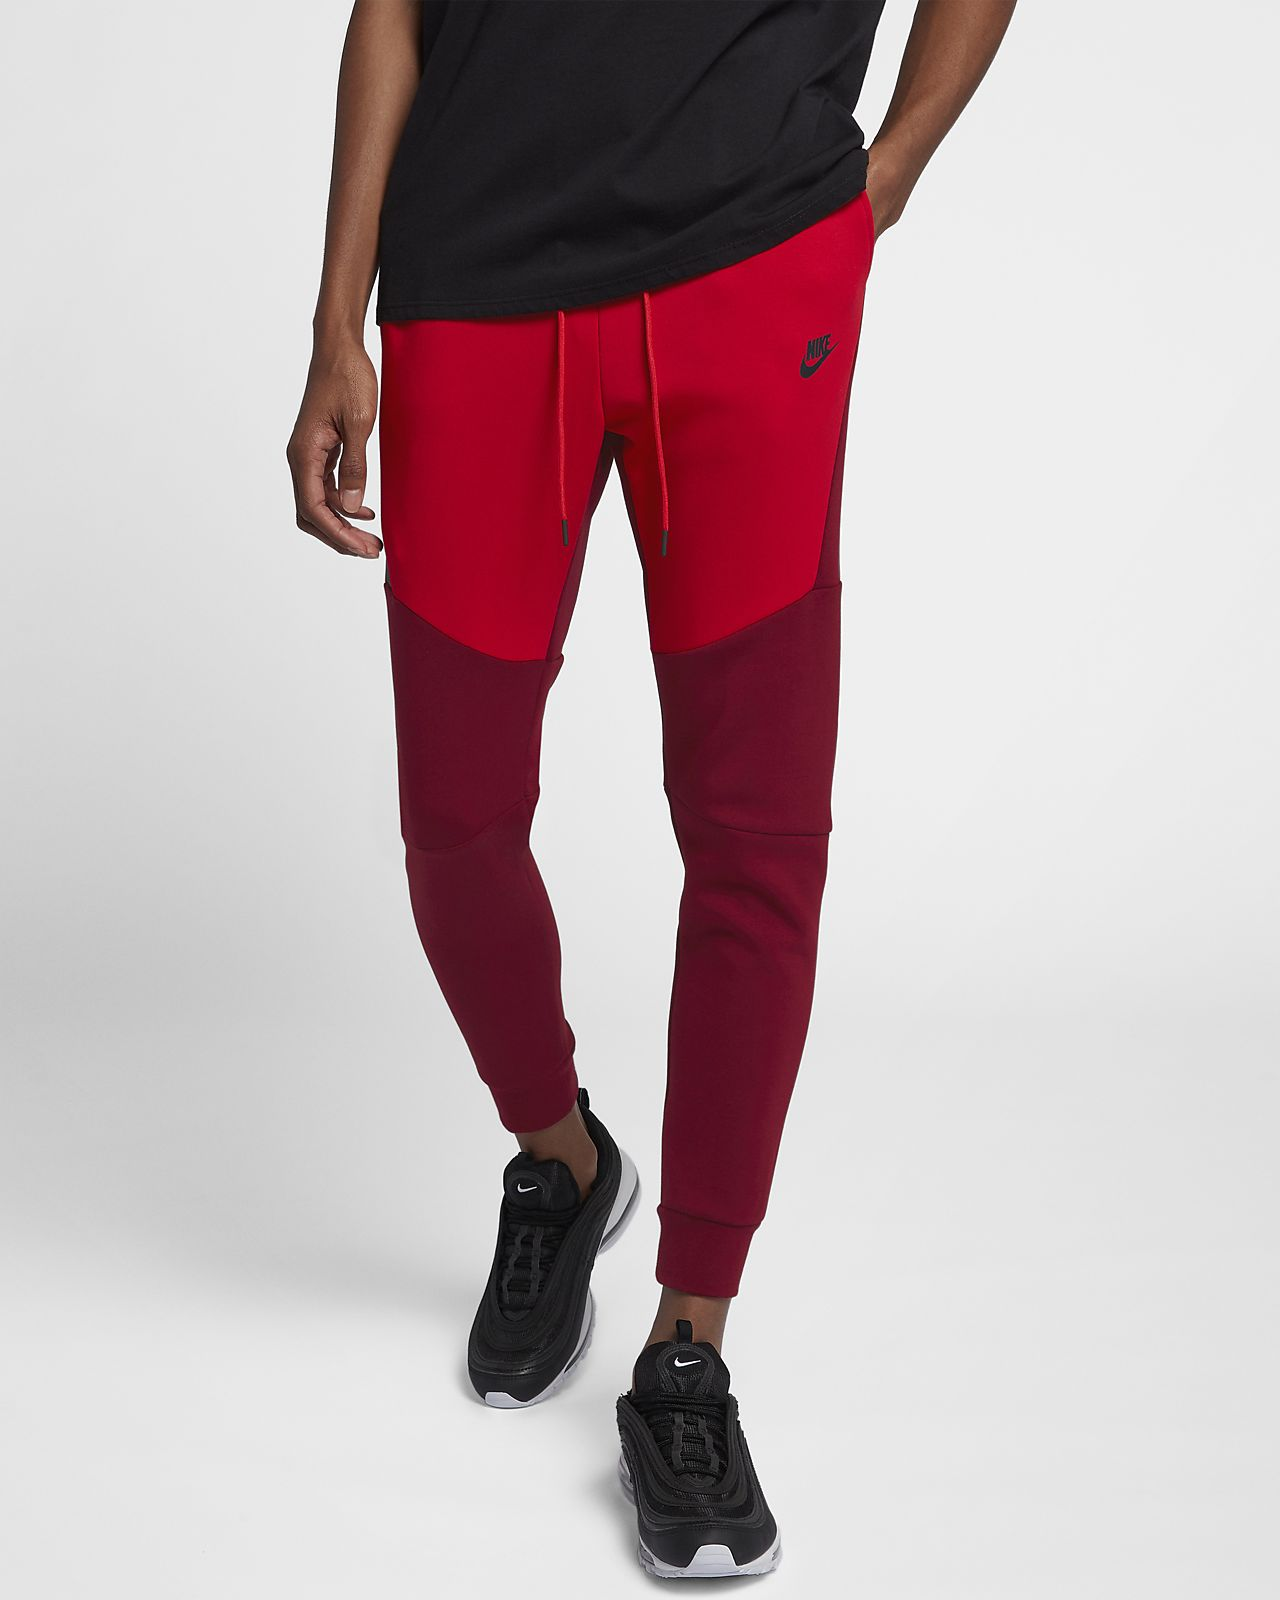 5a42a775741cd Pantalon de jogging Nike Sportswear Tech Fleece pour Homme. Nike.com BE